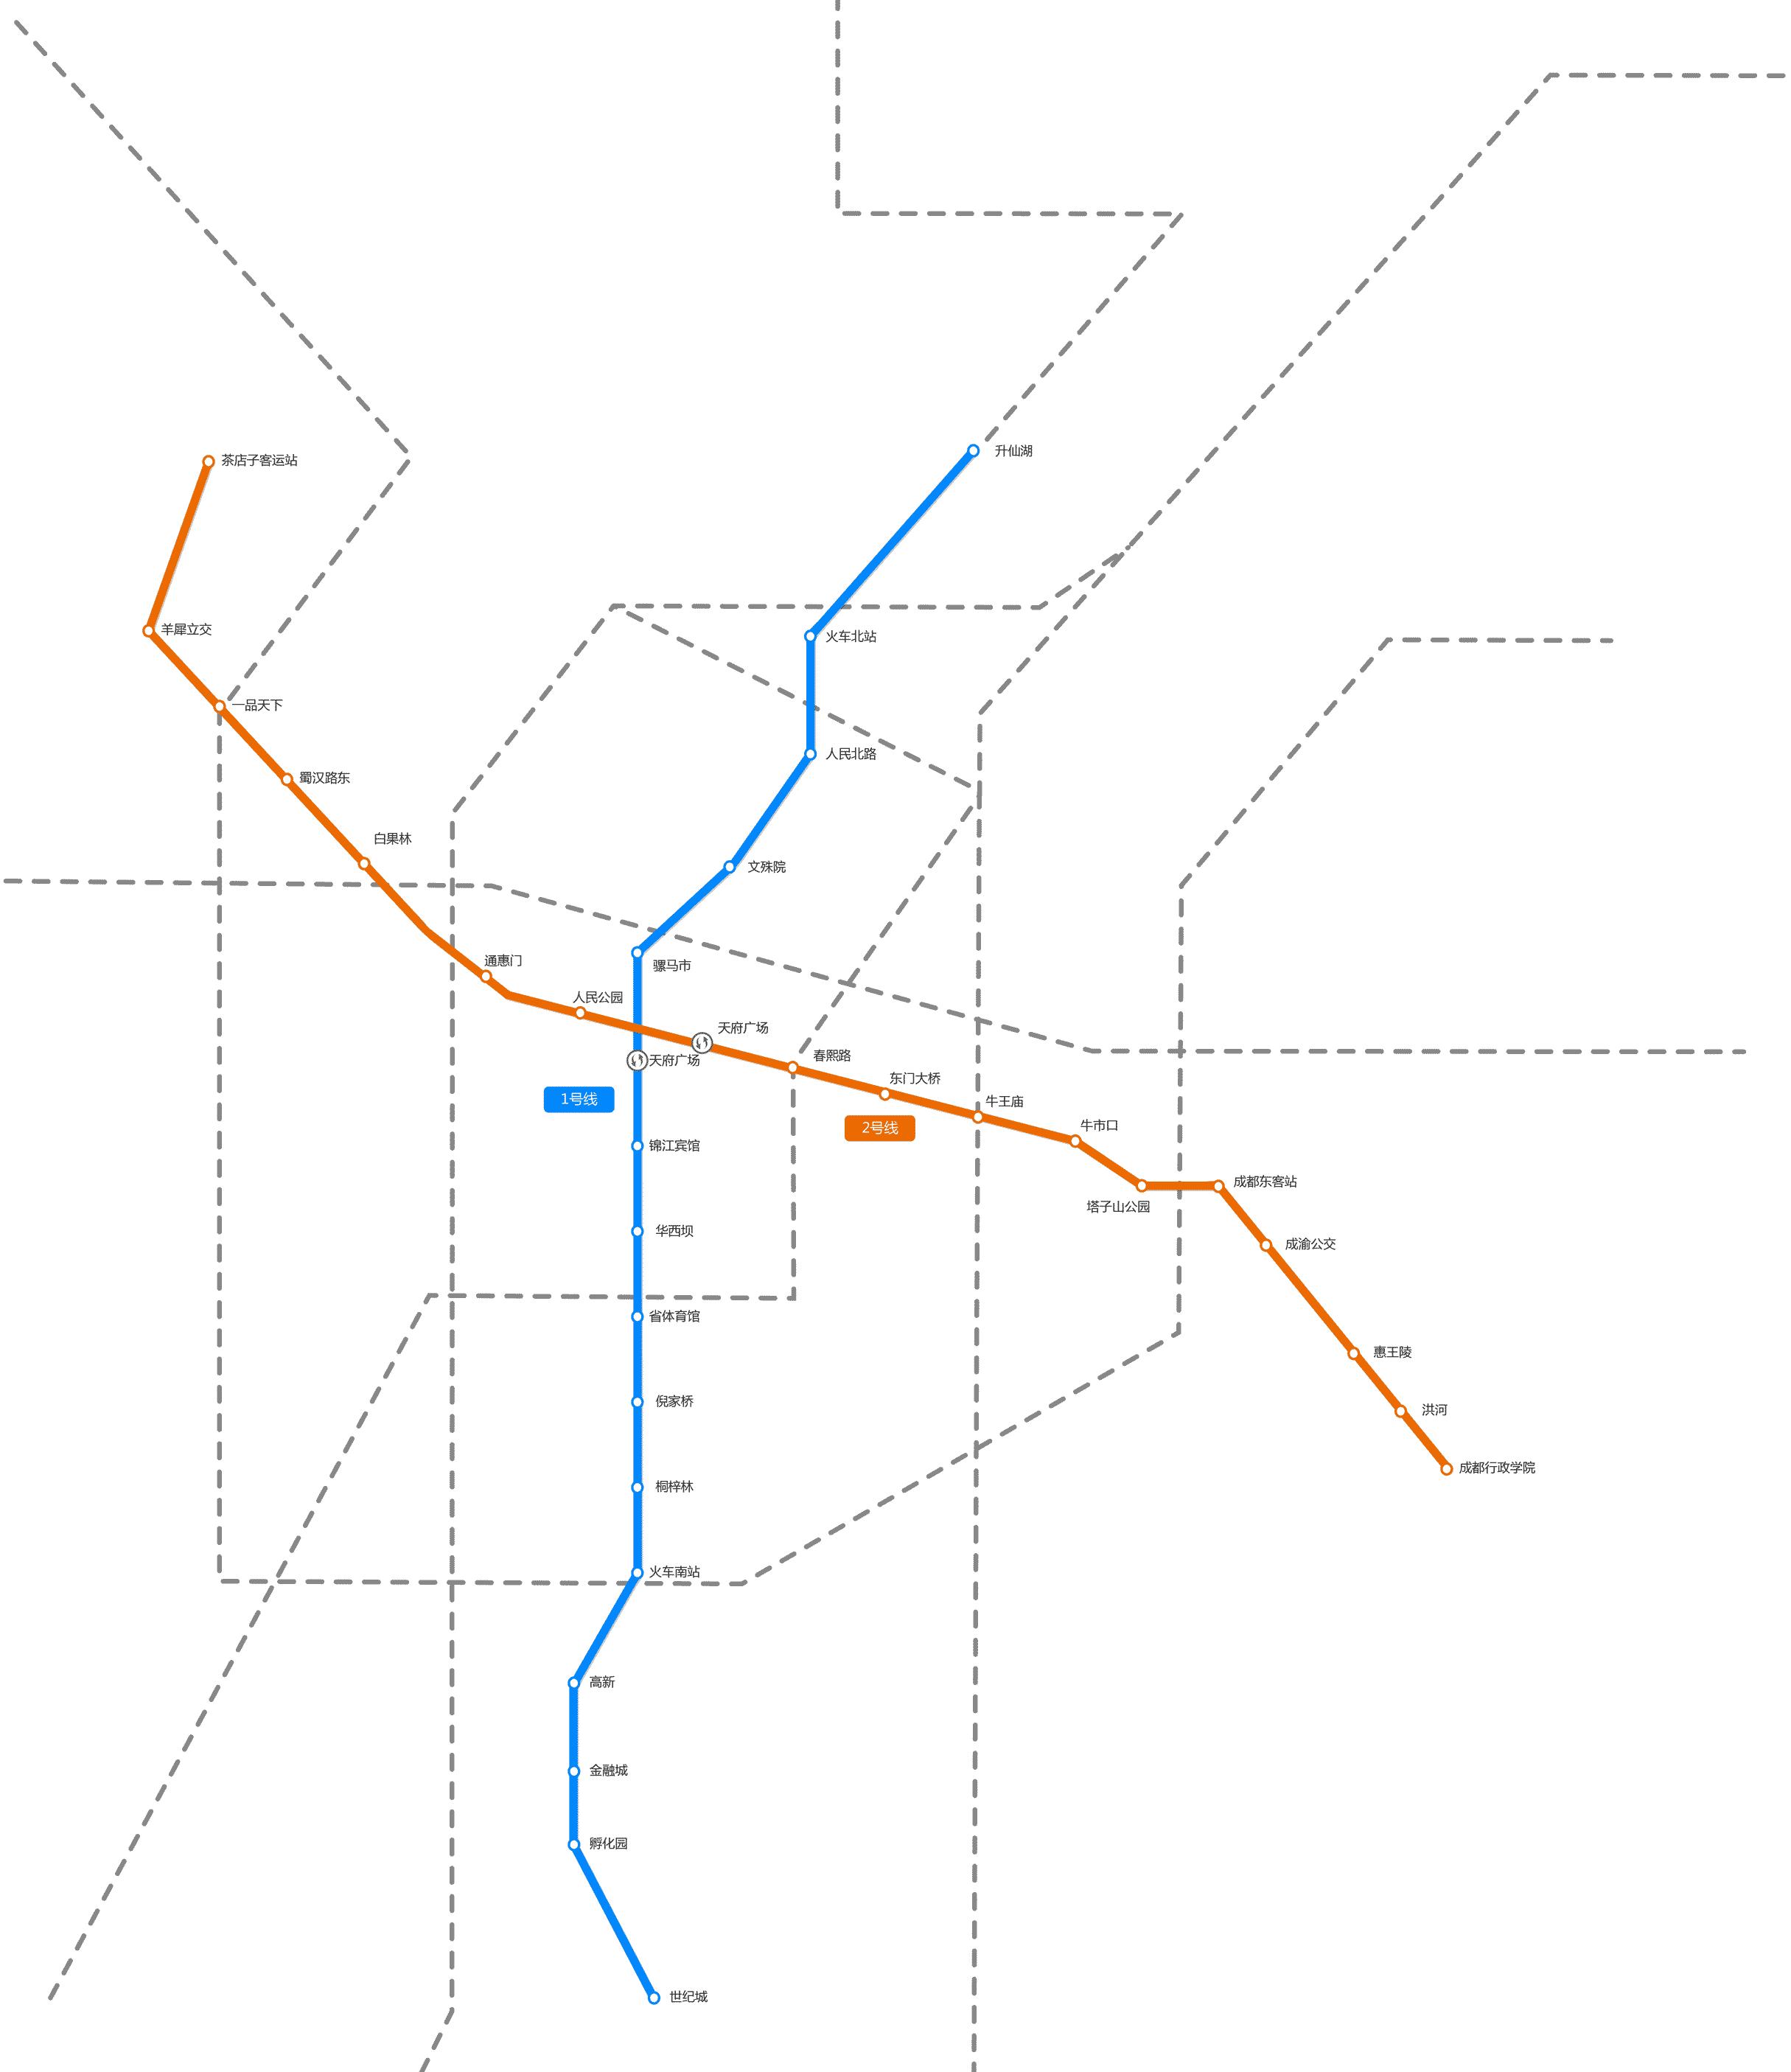 成都地铁线路图 高清图片